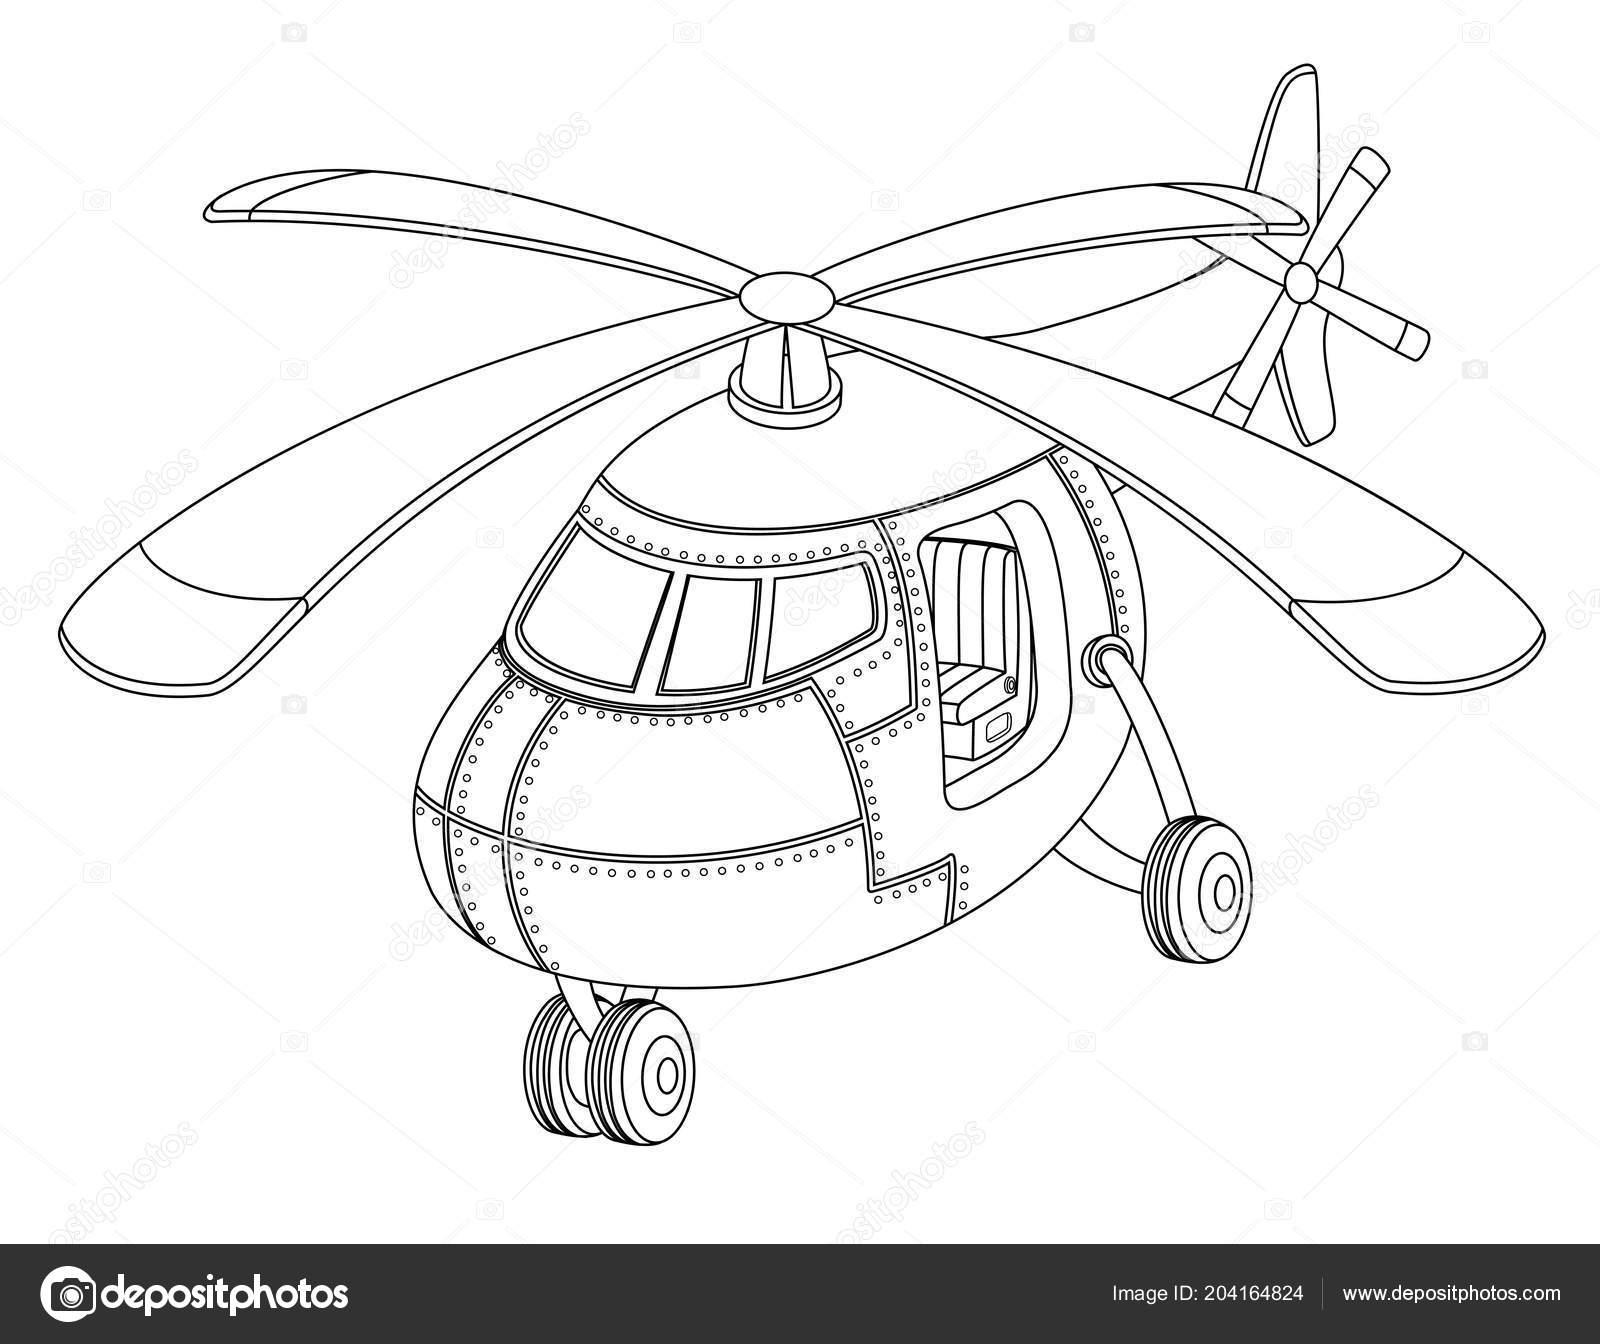 Beyaz Zemin üzerinde Bir Helikopter Olan çocuklar Için Güzel Boyama